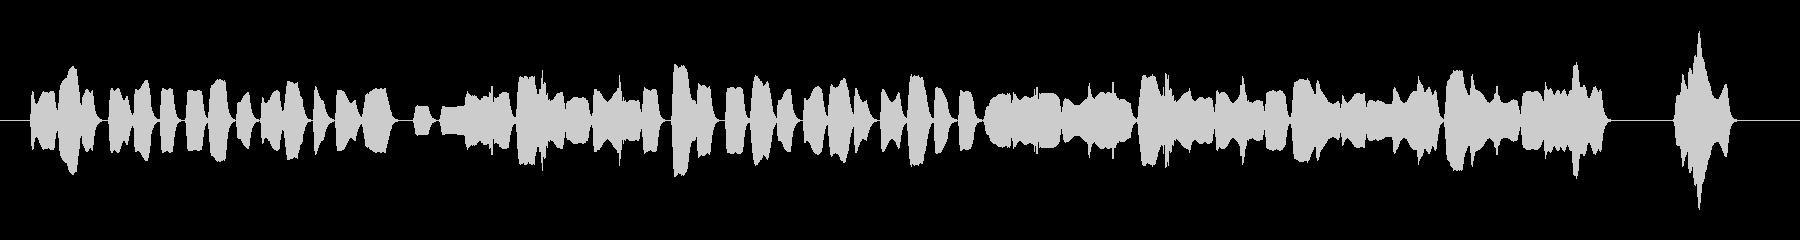 陽気なオカリナの舞曲風の少し長めジングルの未再生の波形